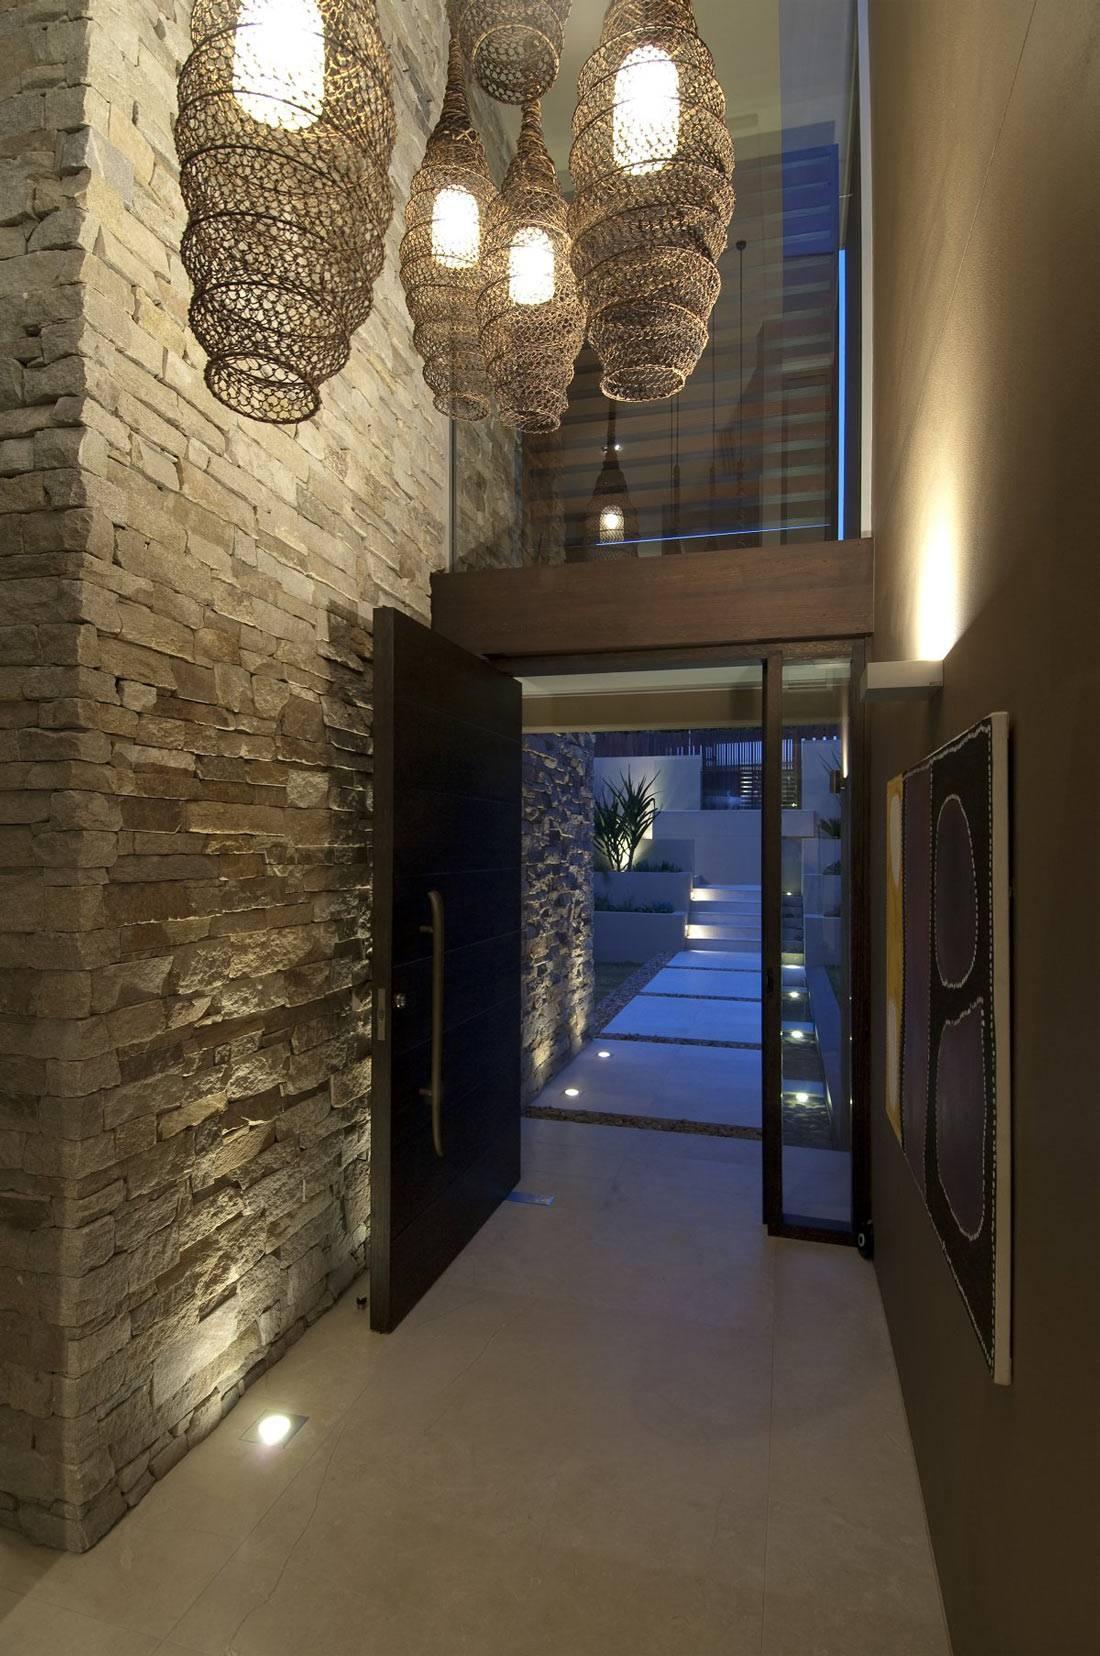 31 Original Entrance Hall Lighting – Voqalmedia Within Entrance Hall Lighting (Photo 3 of 15)